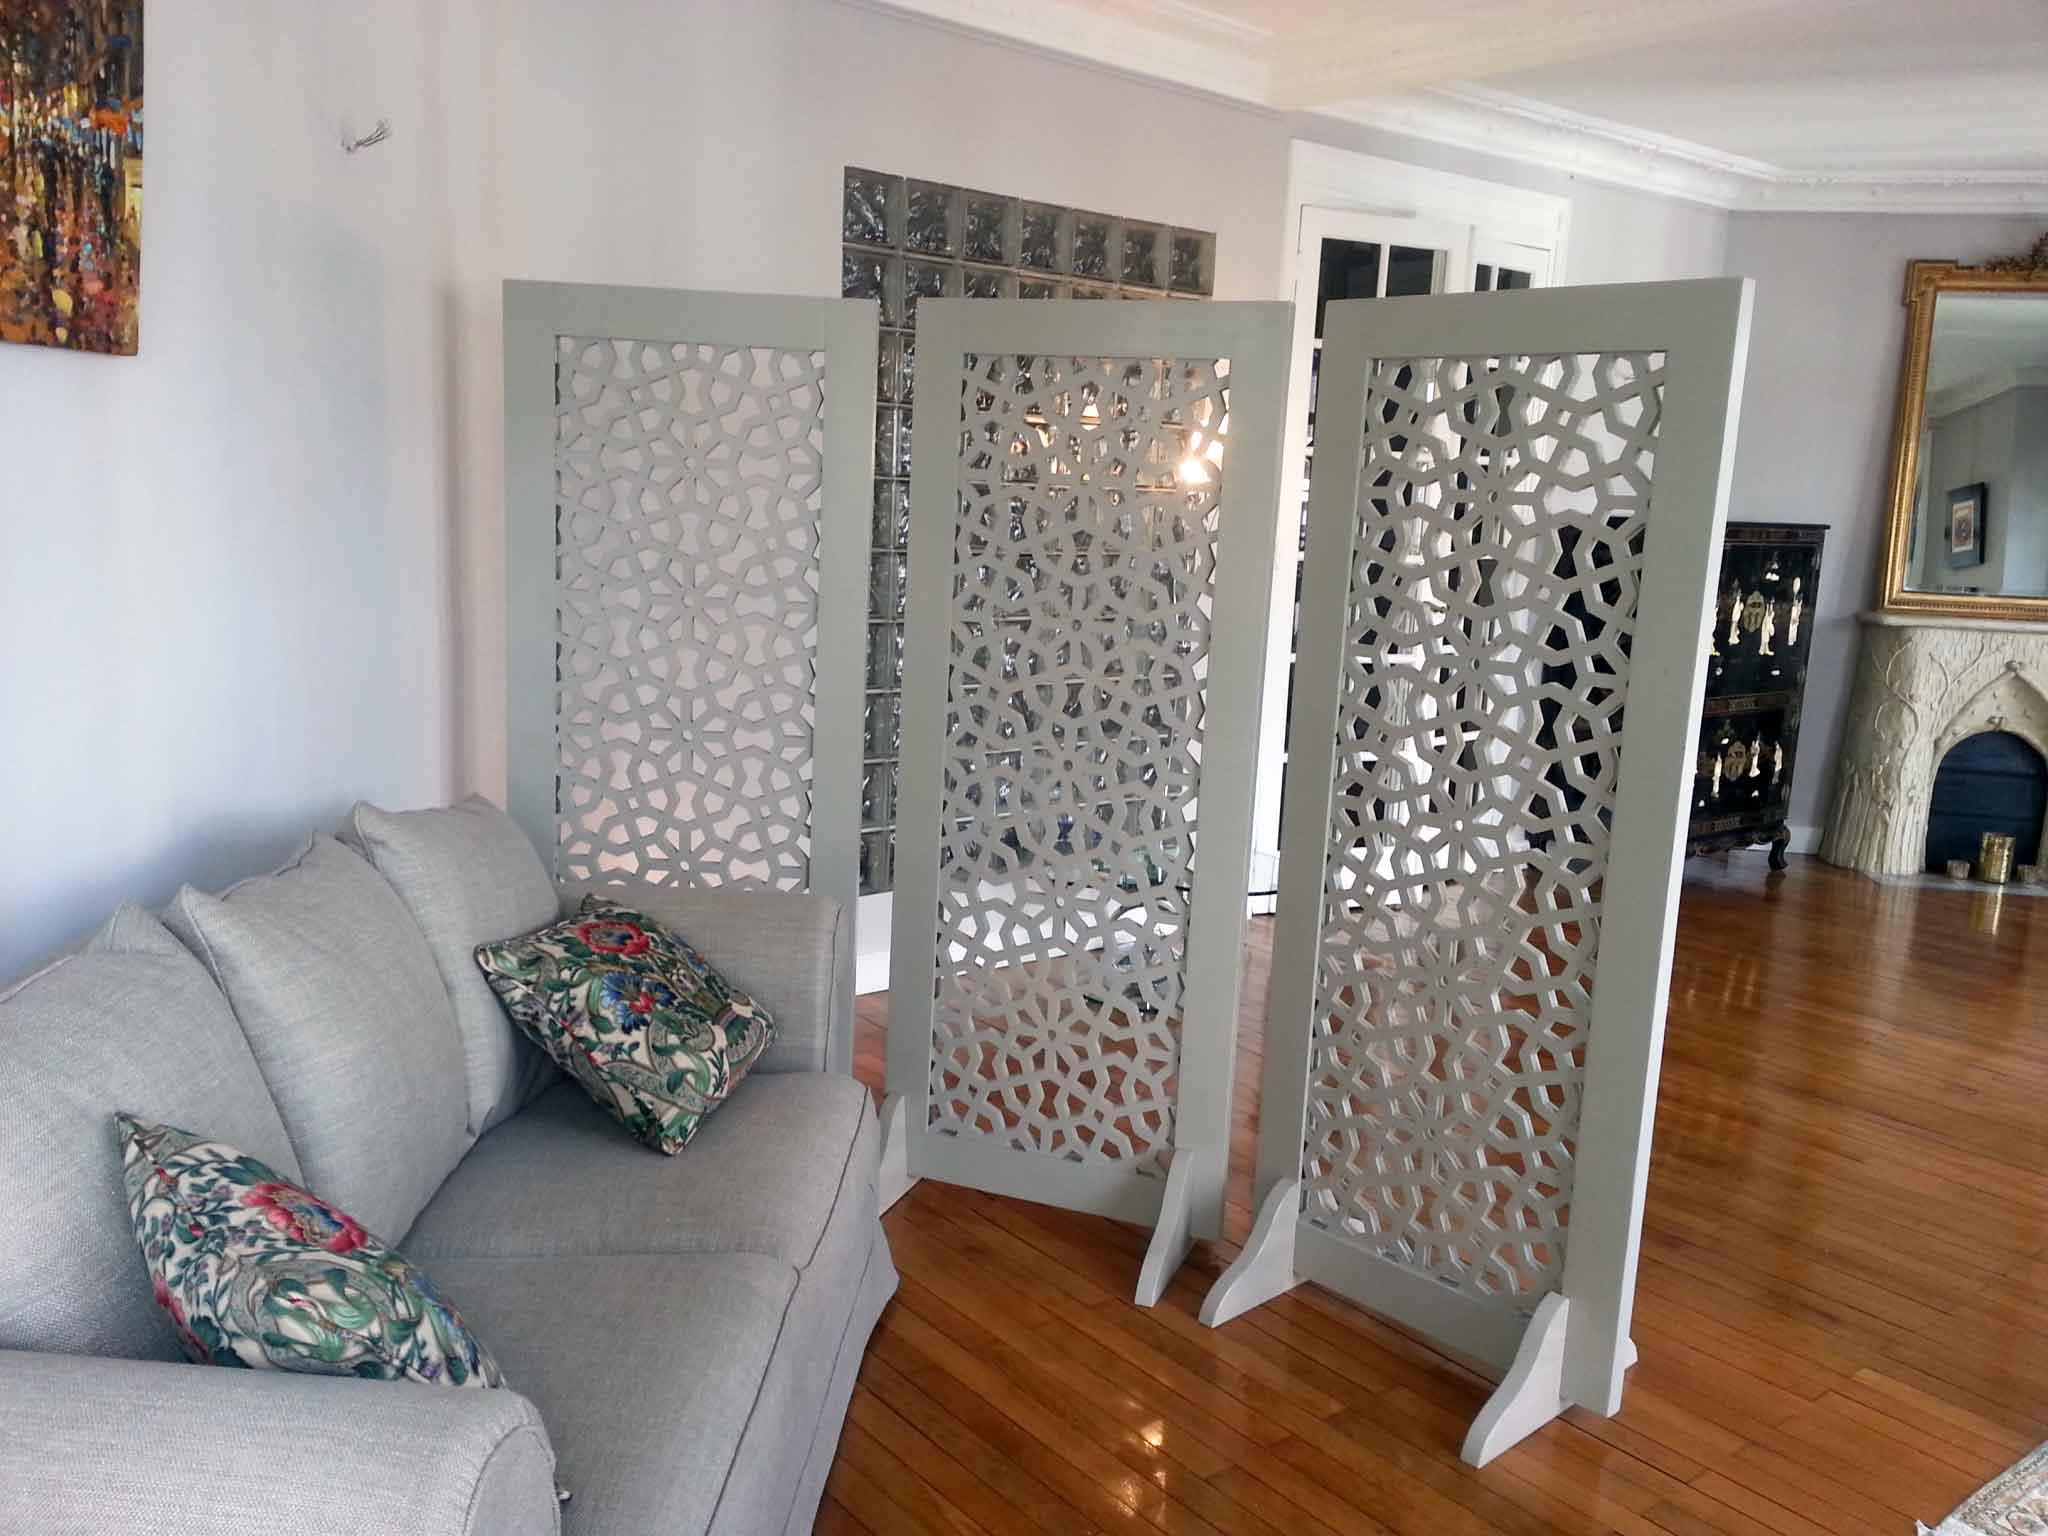 Fabriquer Un Claustra Bois paravent persienne en bois sur-mesure par allure et bois !